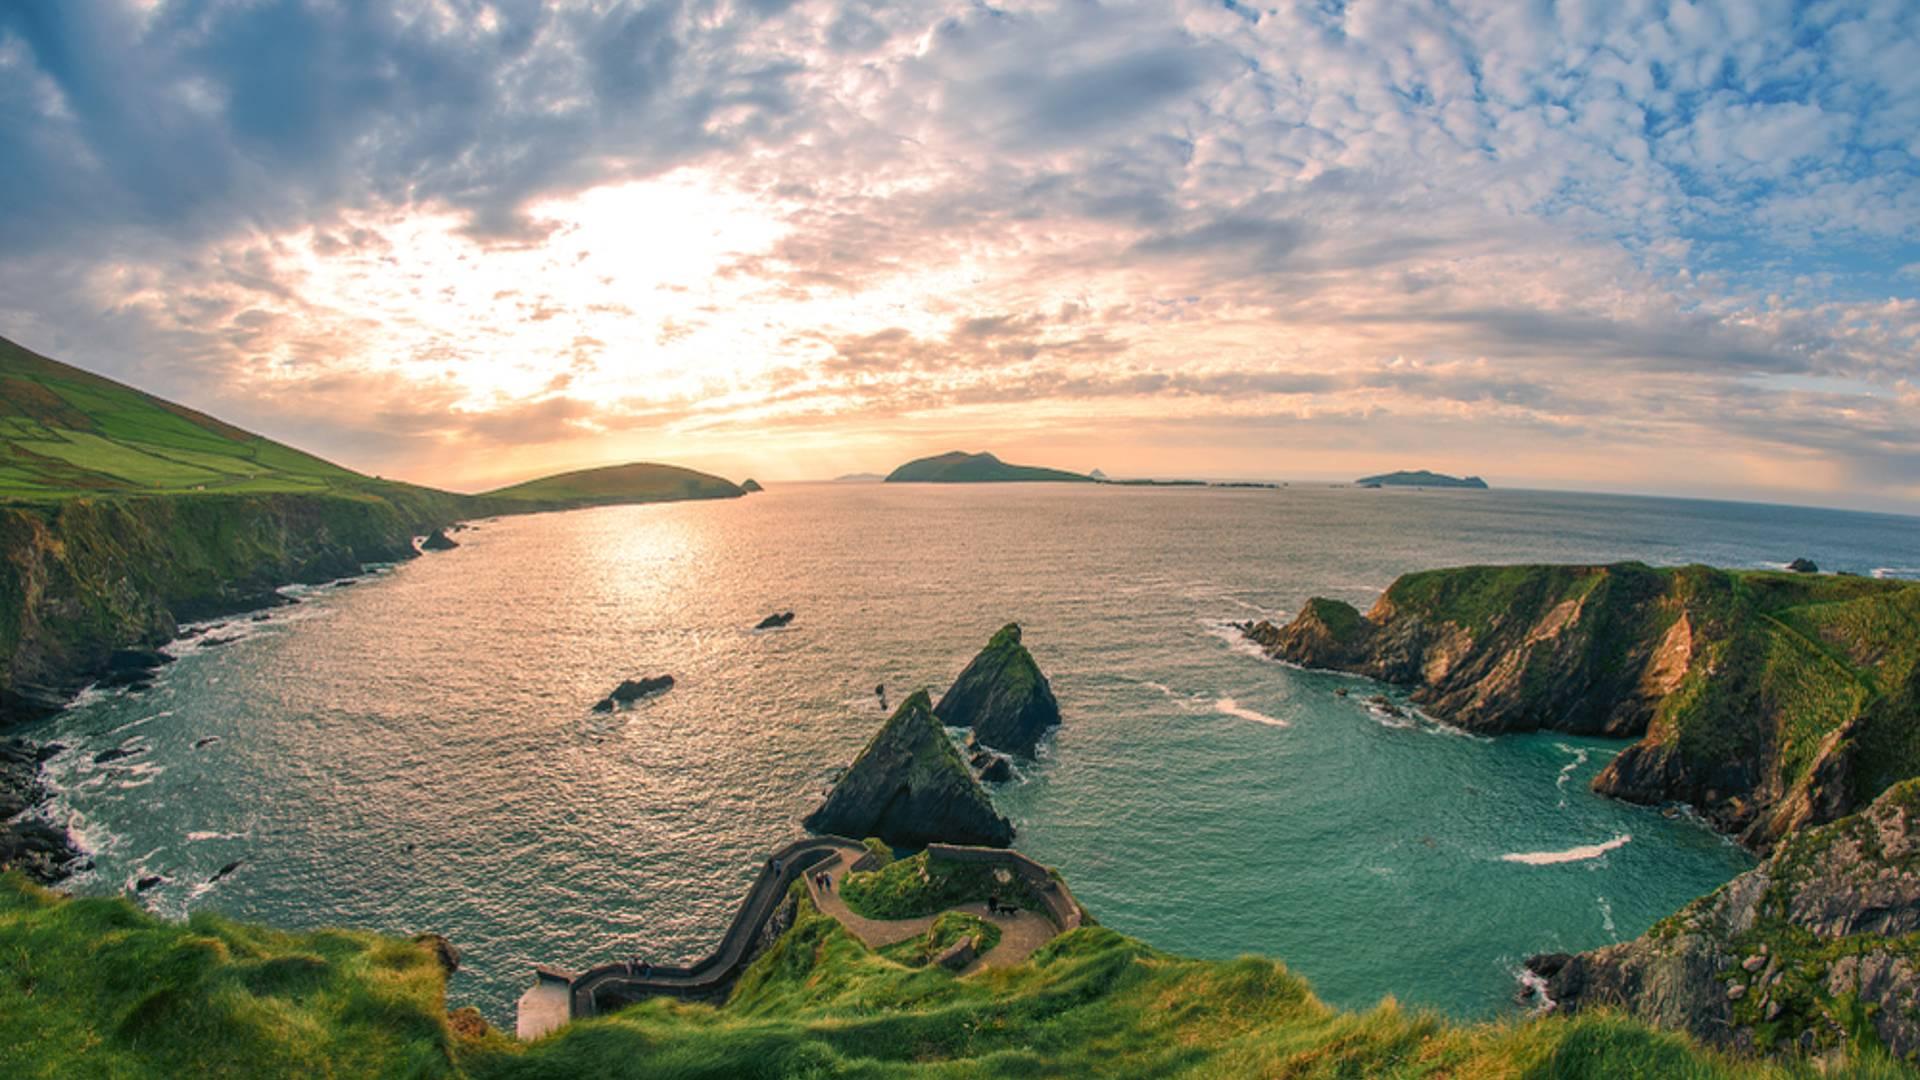 Abenteuerreise - Leuchttürme entlang der irischen Küste